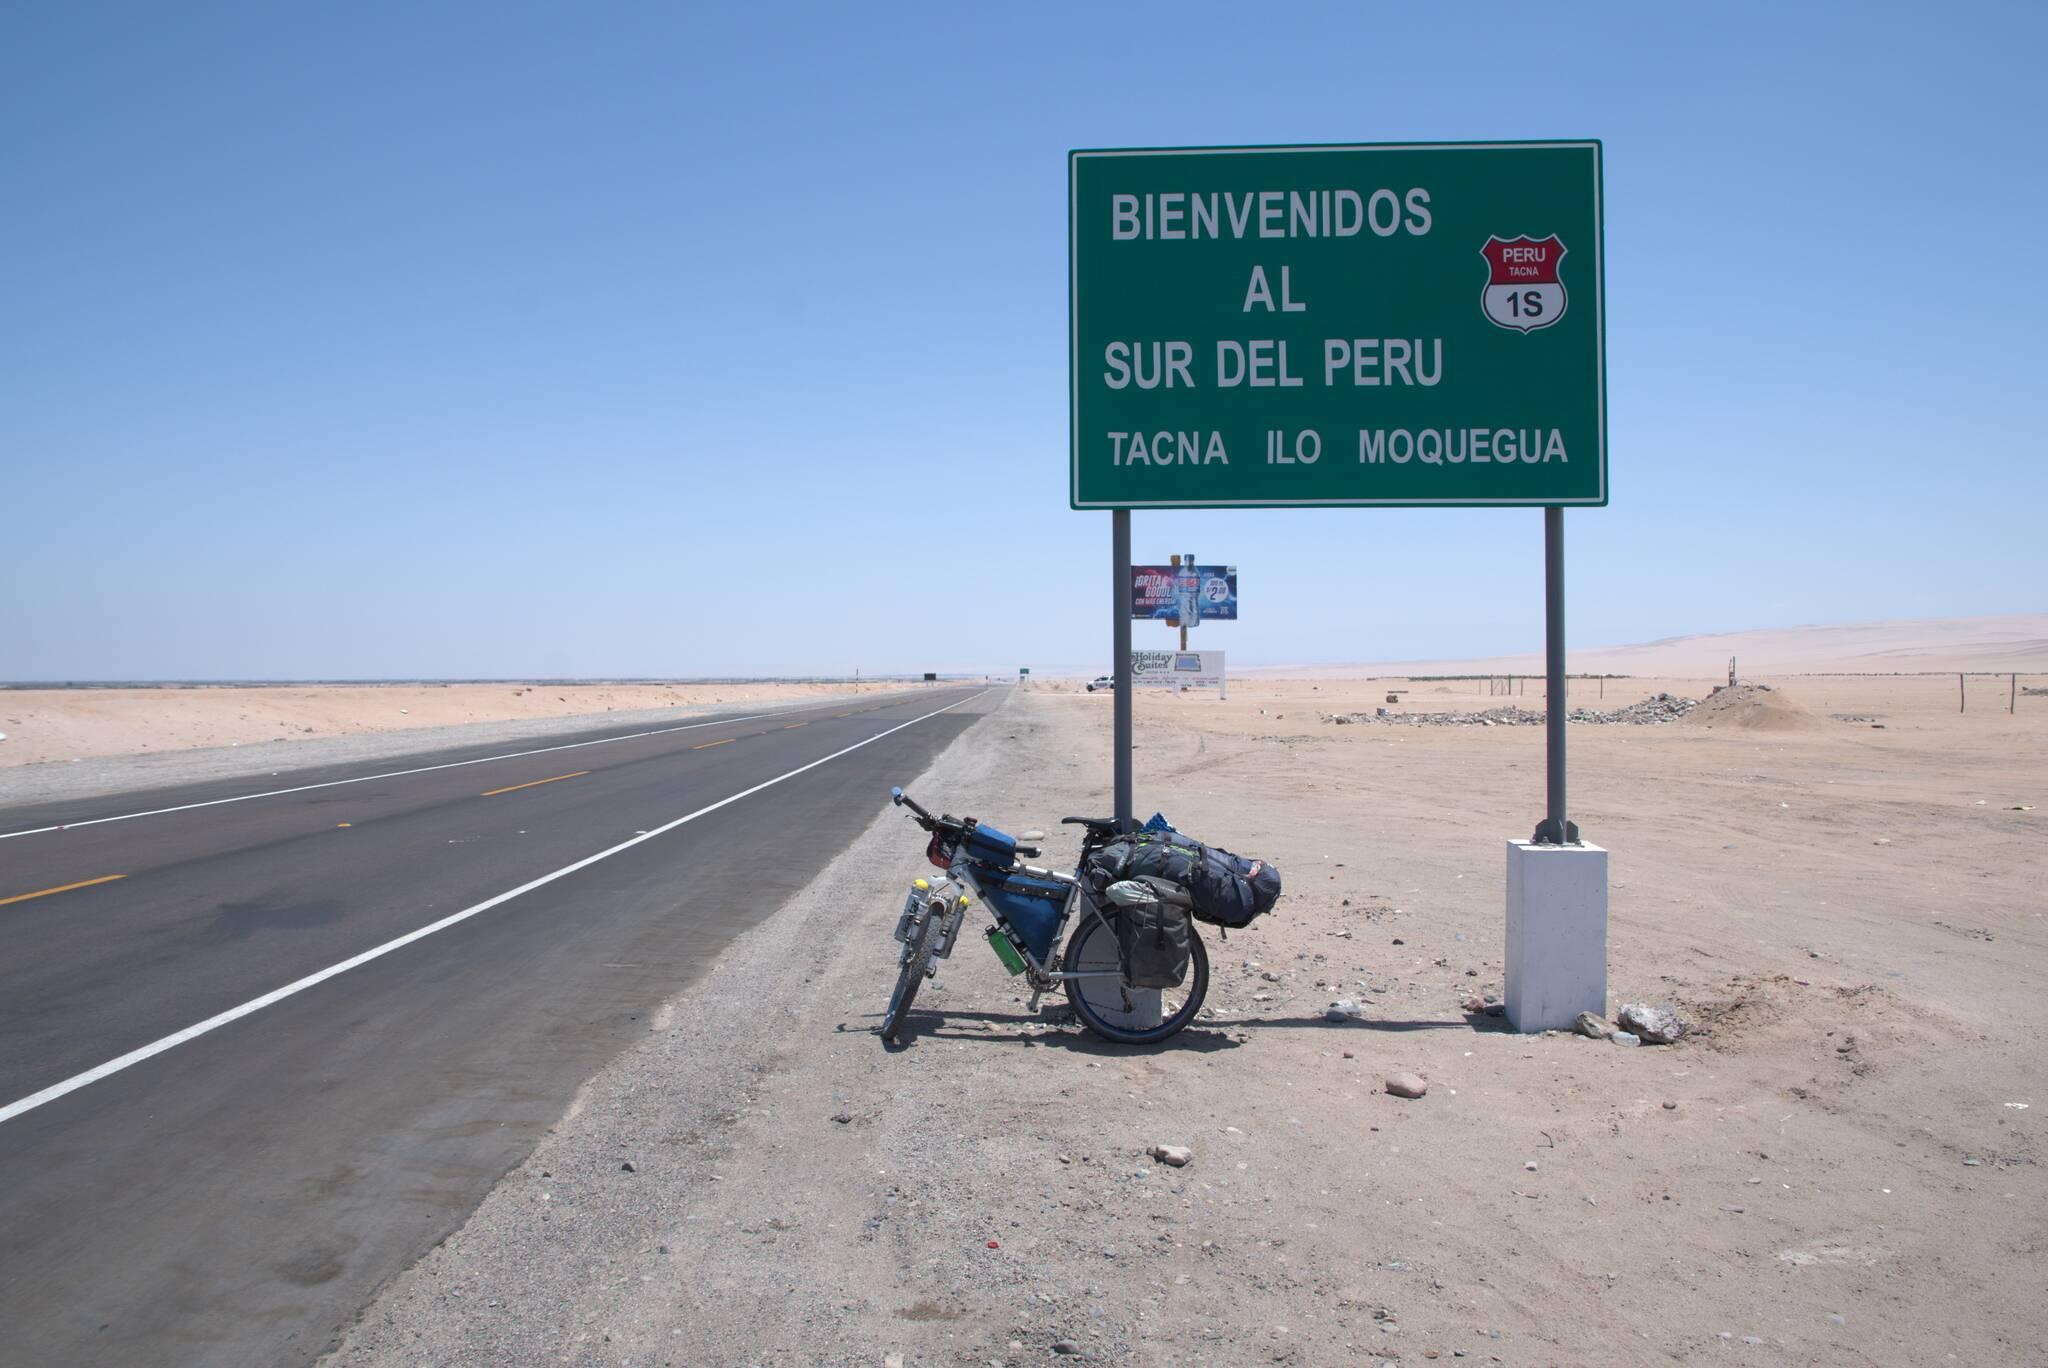 Jedyne przejście graniczne między Chile i Peru przekroczone